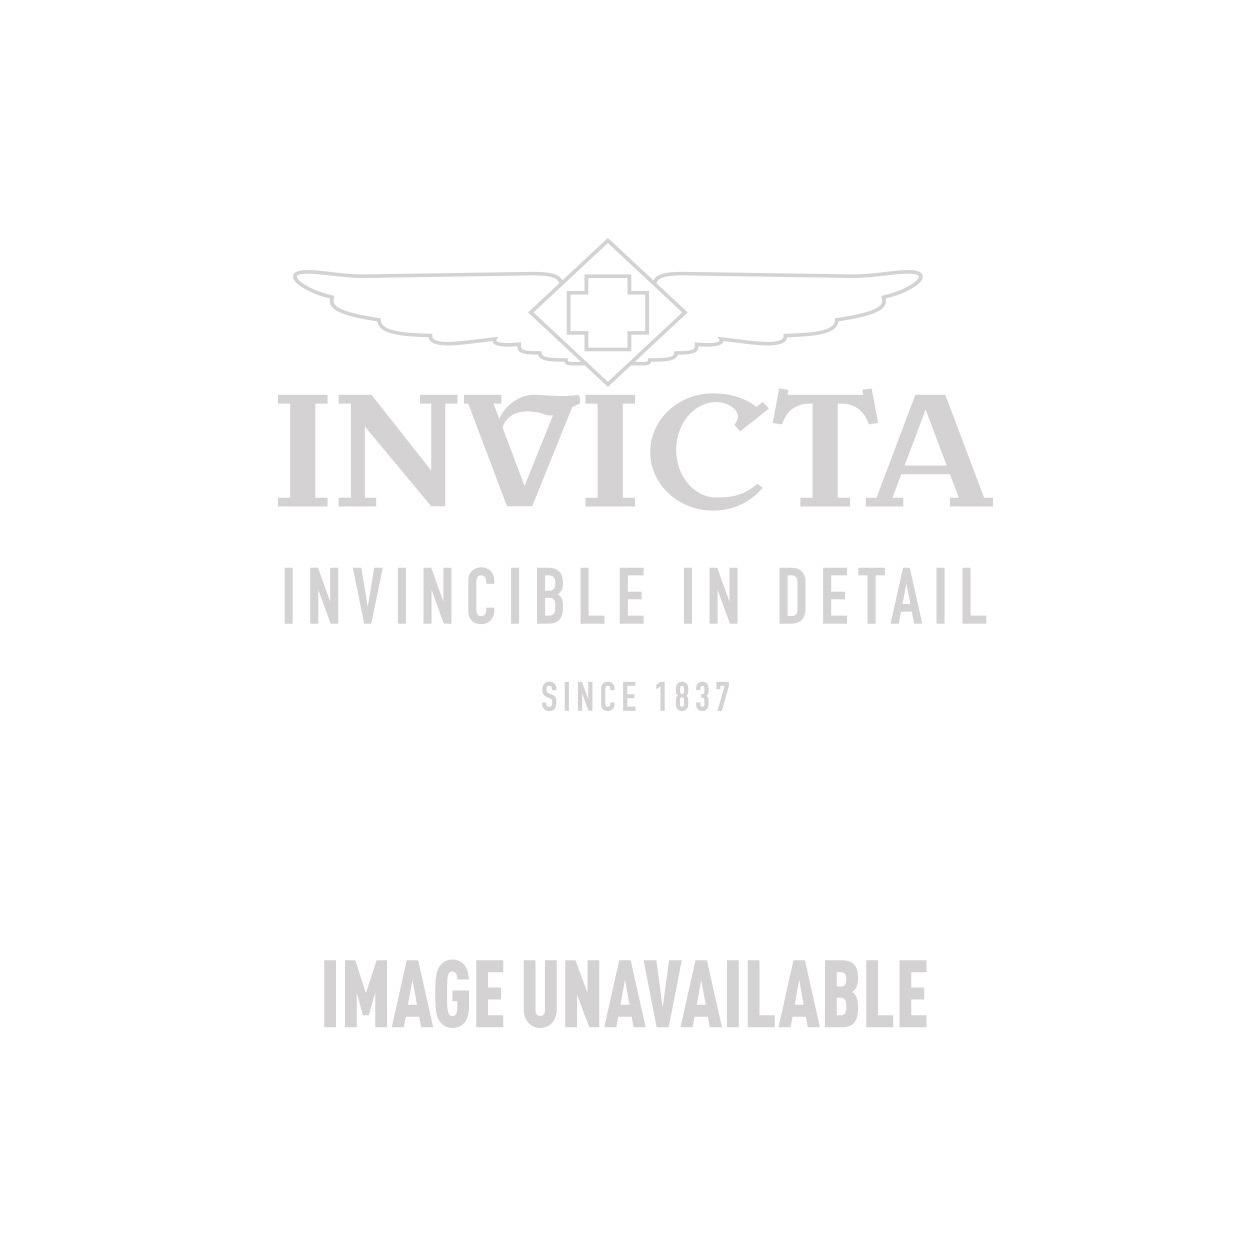 Invicta Model 25370